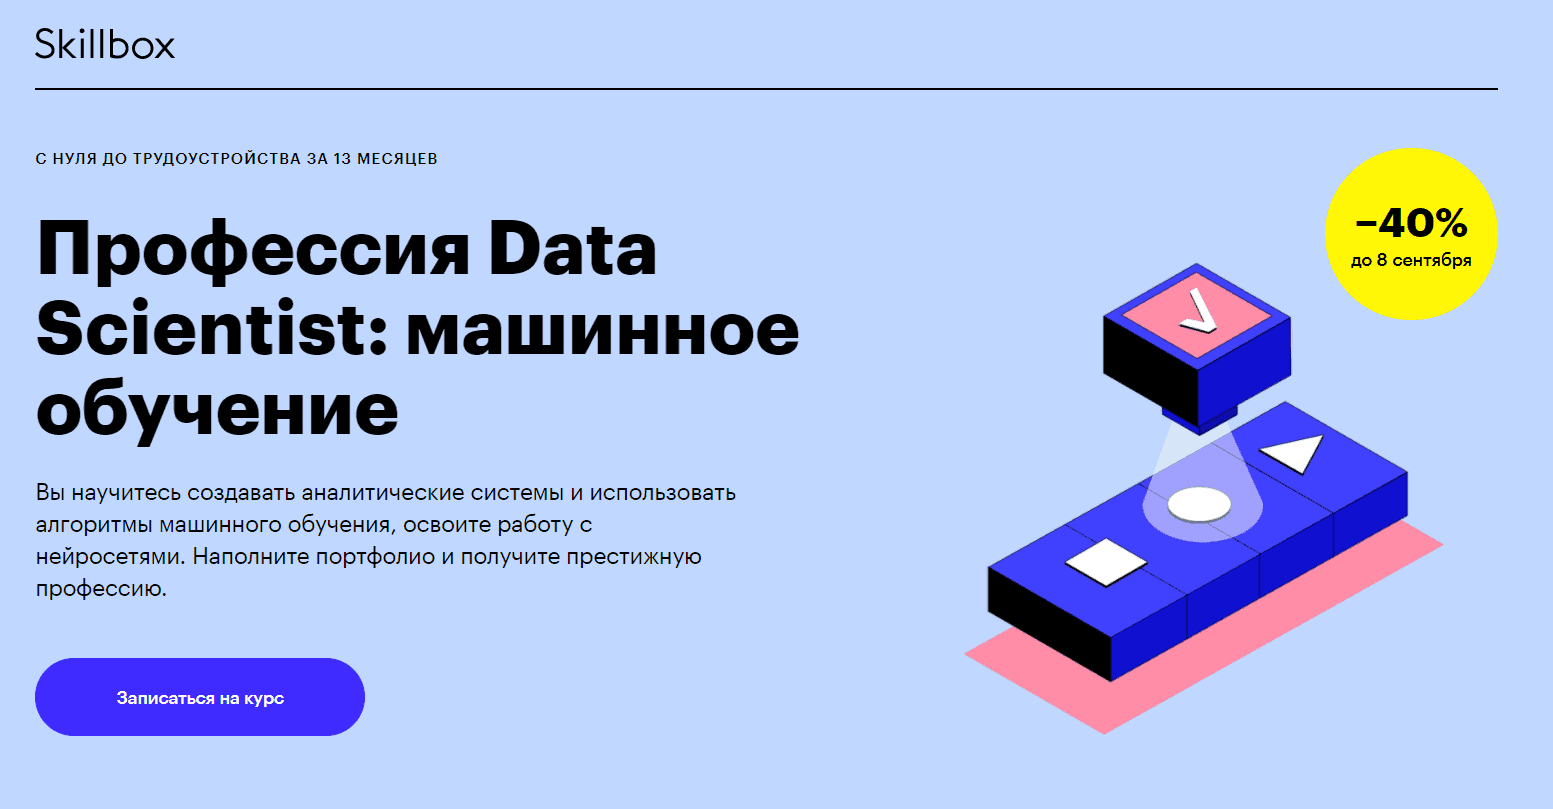 Профессия Data Scientist: машинное обучение